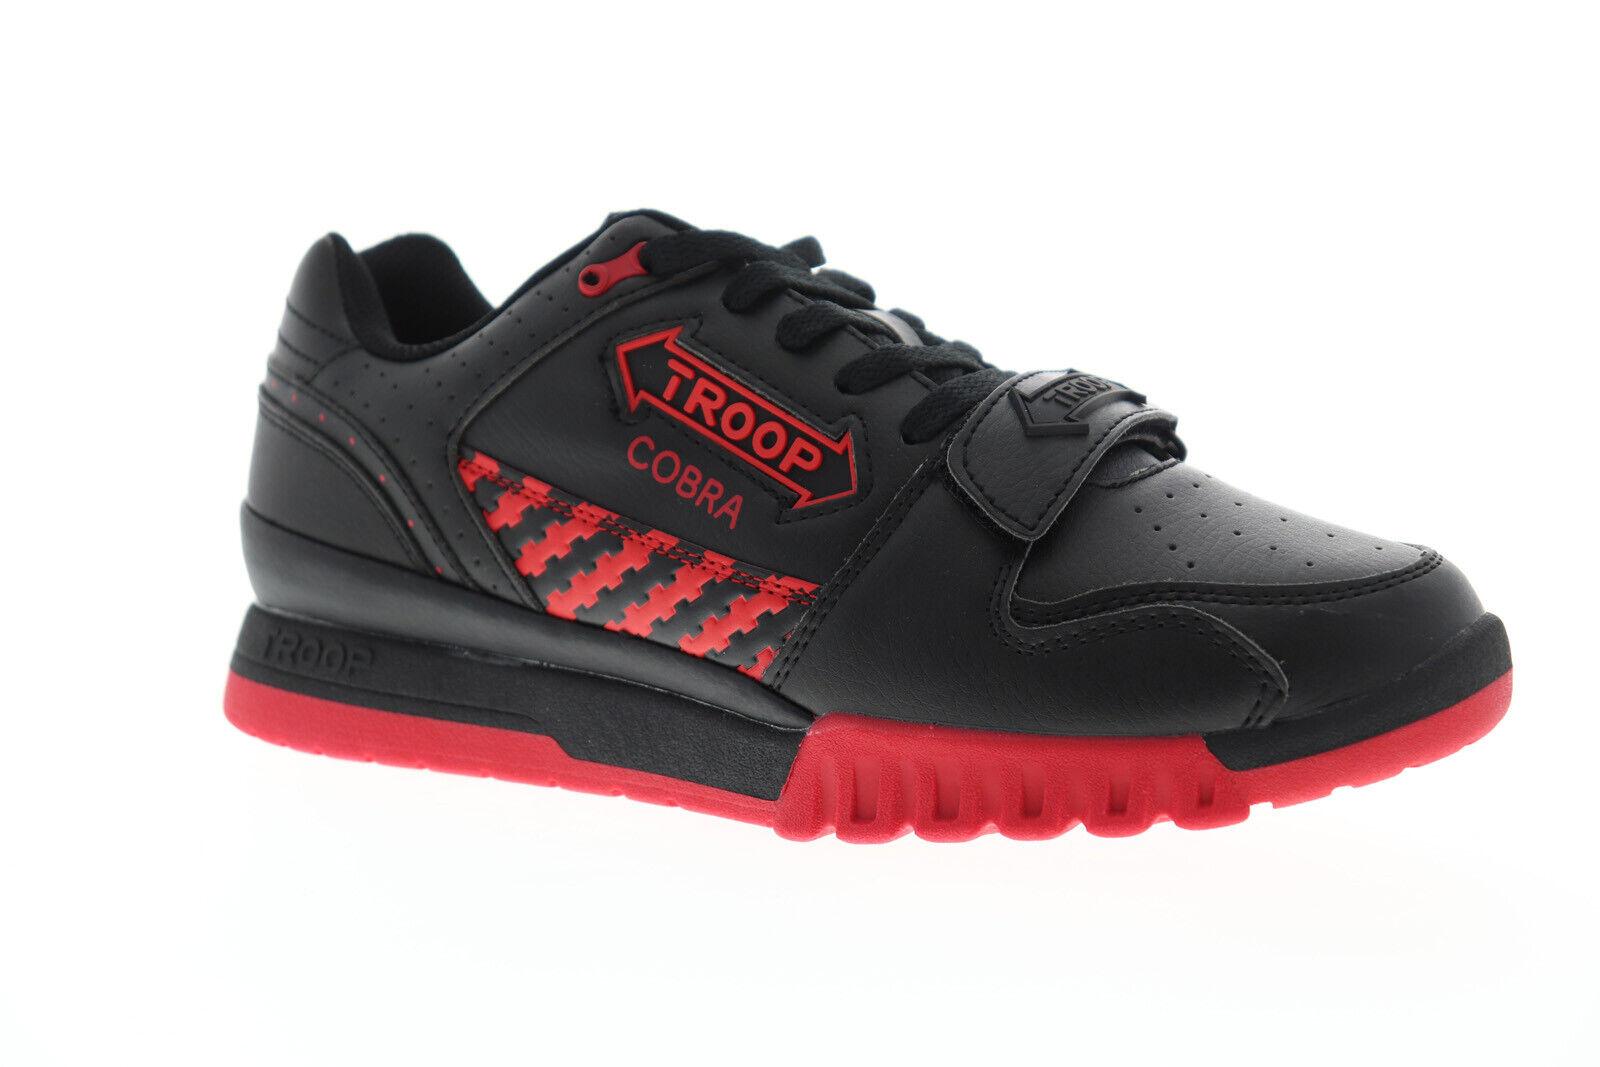 Mundo de tropa Cobra Para Hombre Negro Sintético Low Top Tenis Deportivas Zapatos Con Cordones